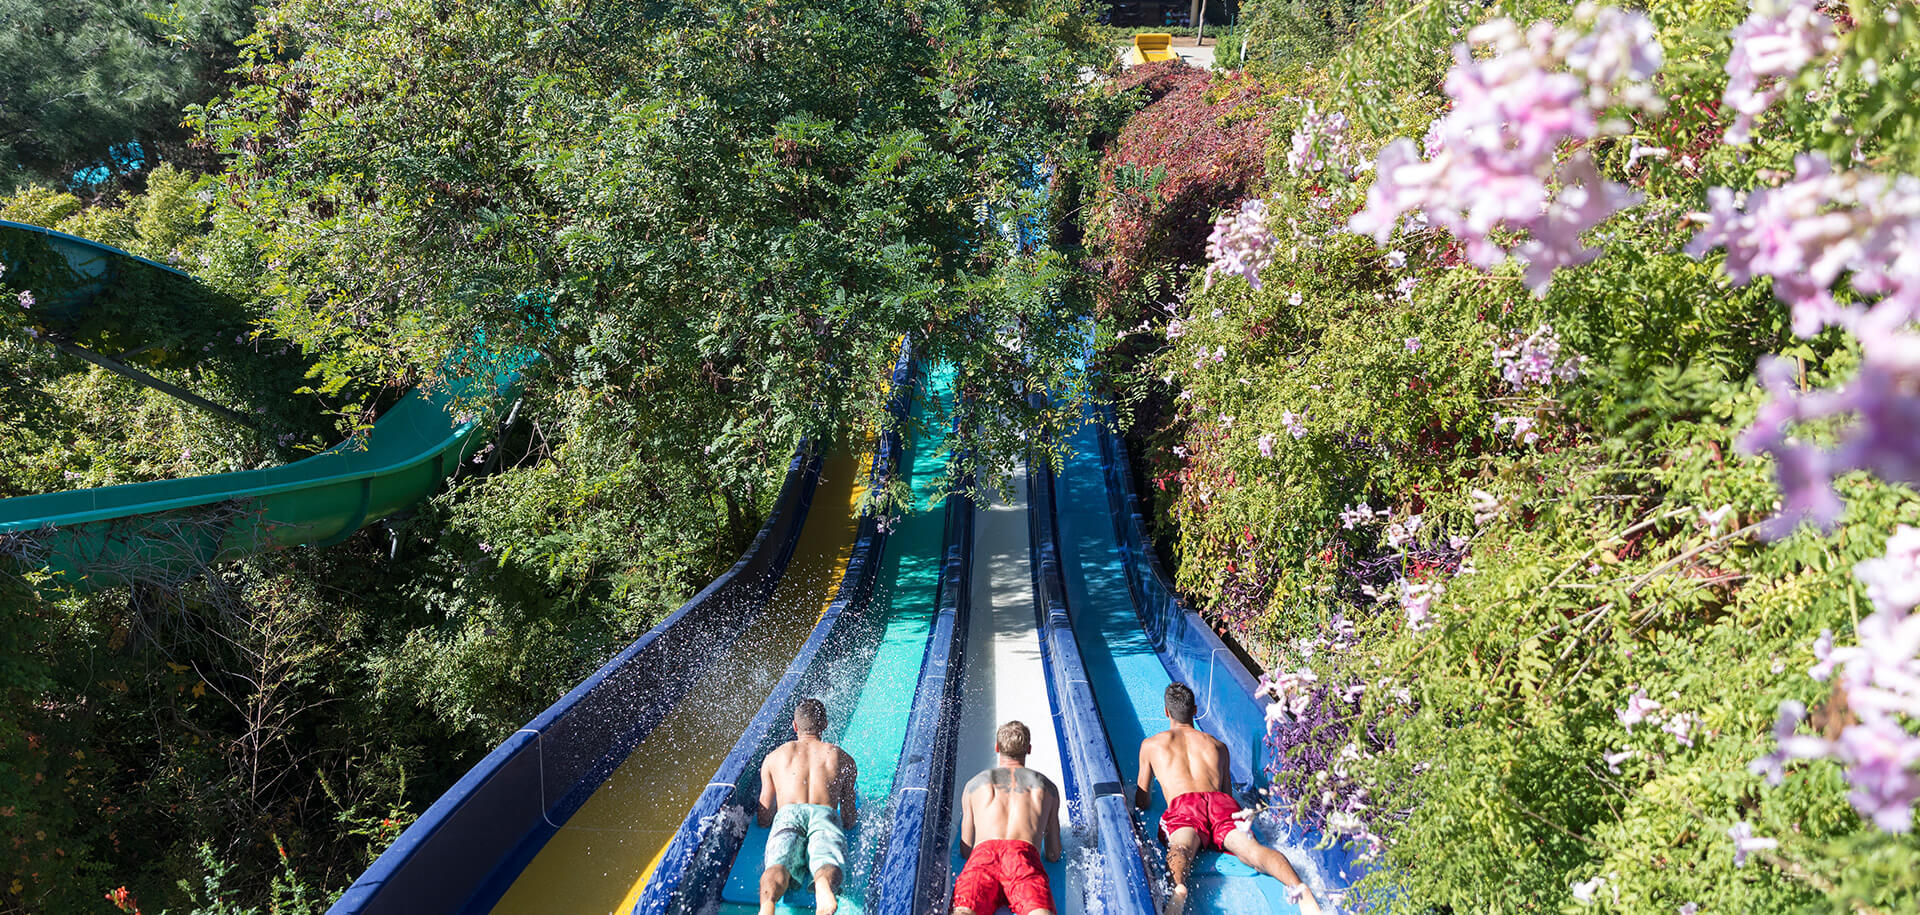 Проведите мгновения, наполненные адреналином и развлечениями в огромном аквапарке и в Парке Приключений, состоящем из 36 дорожек.